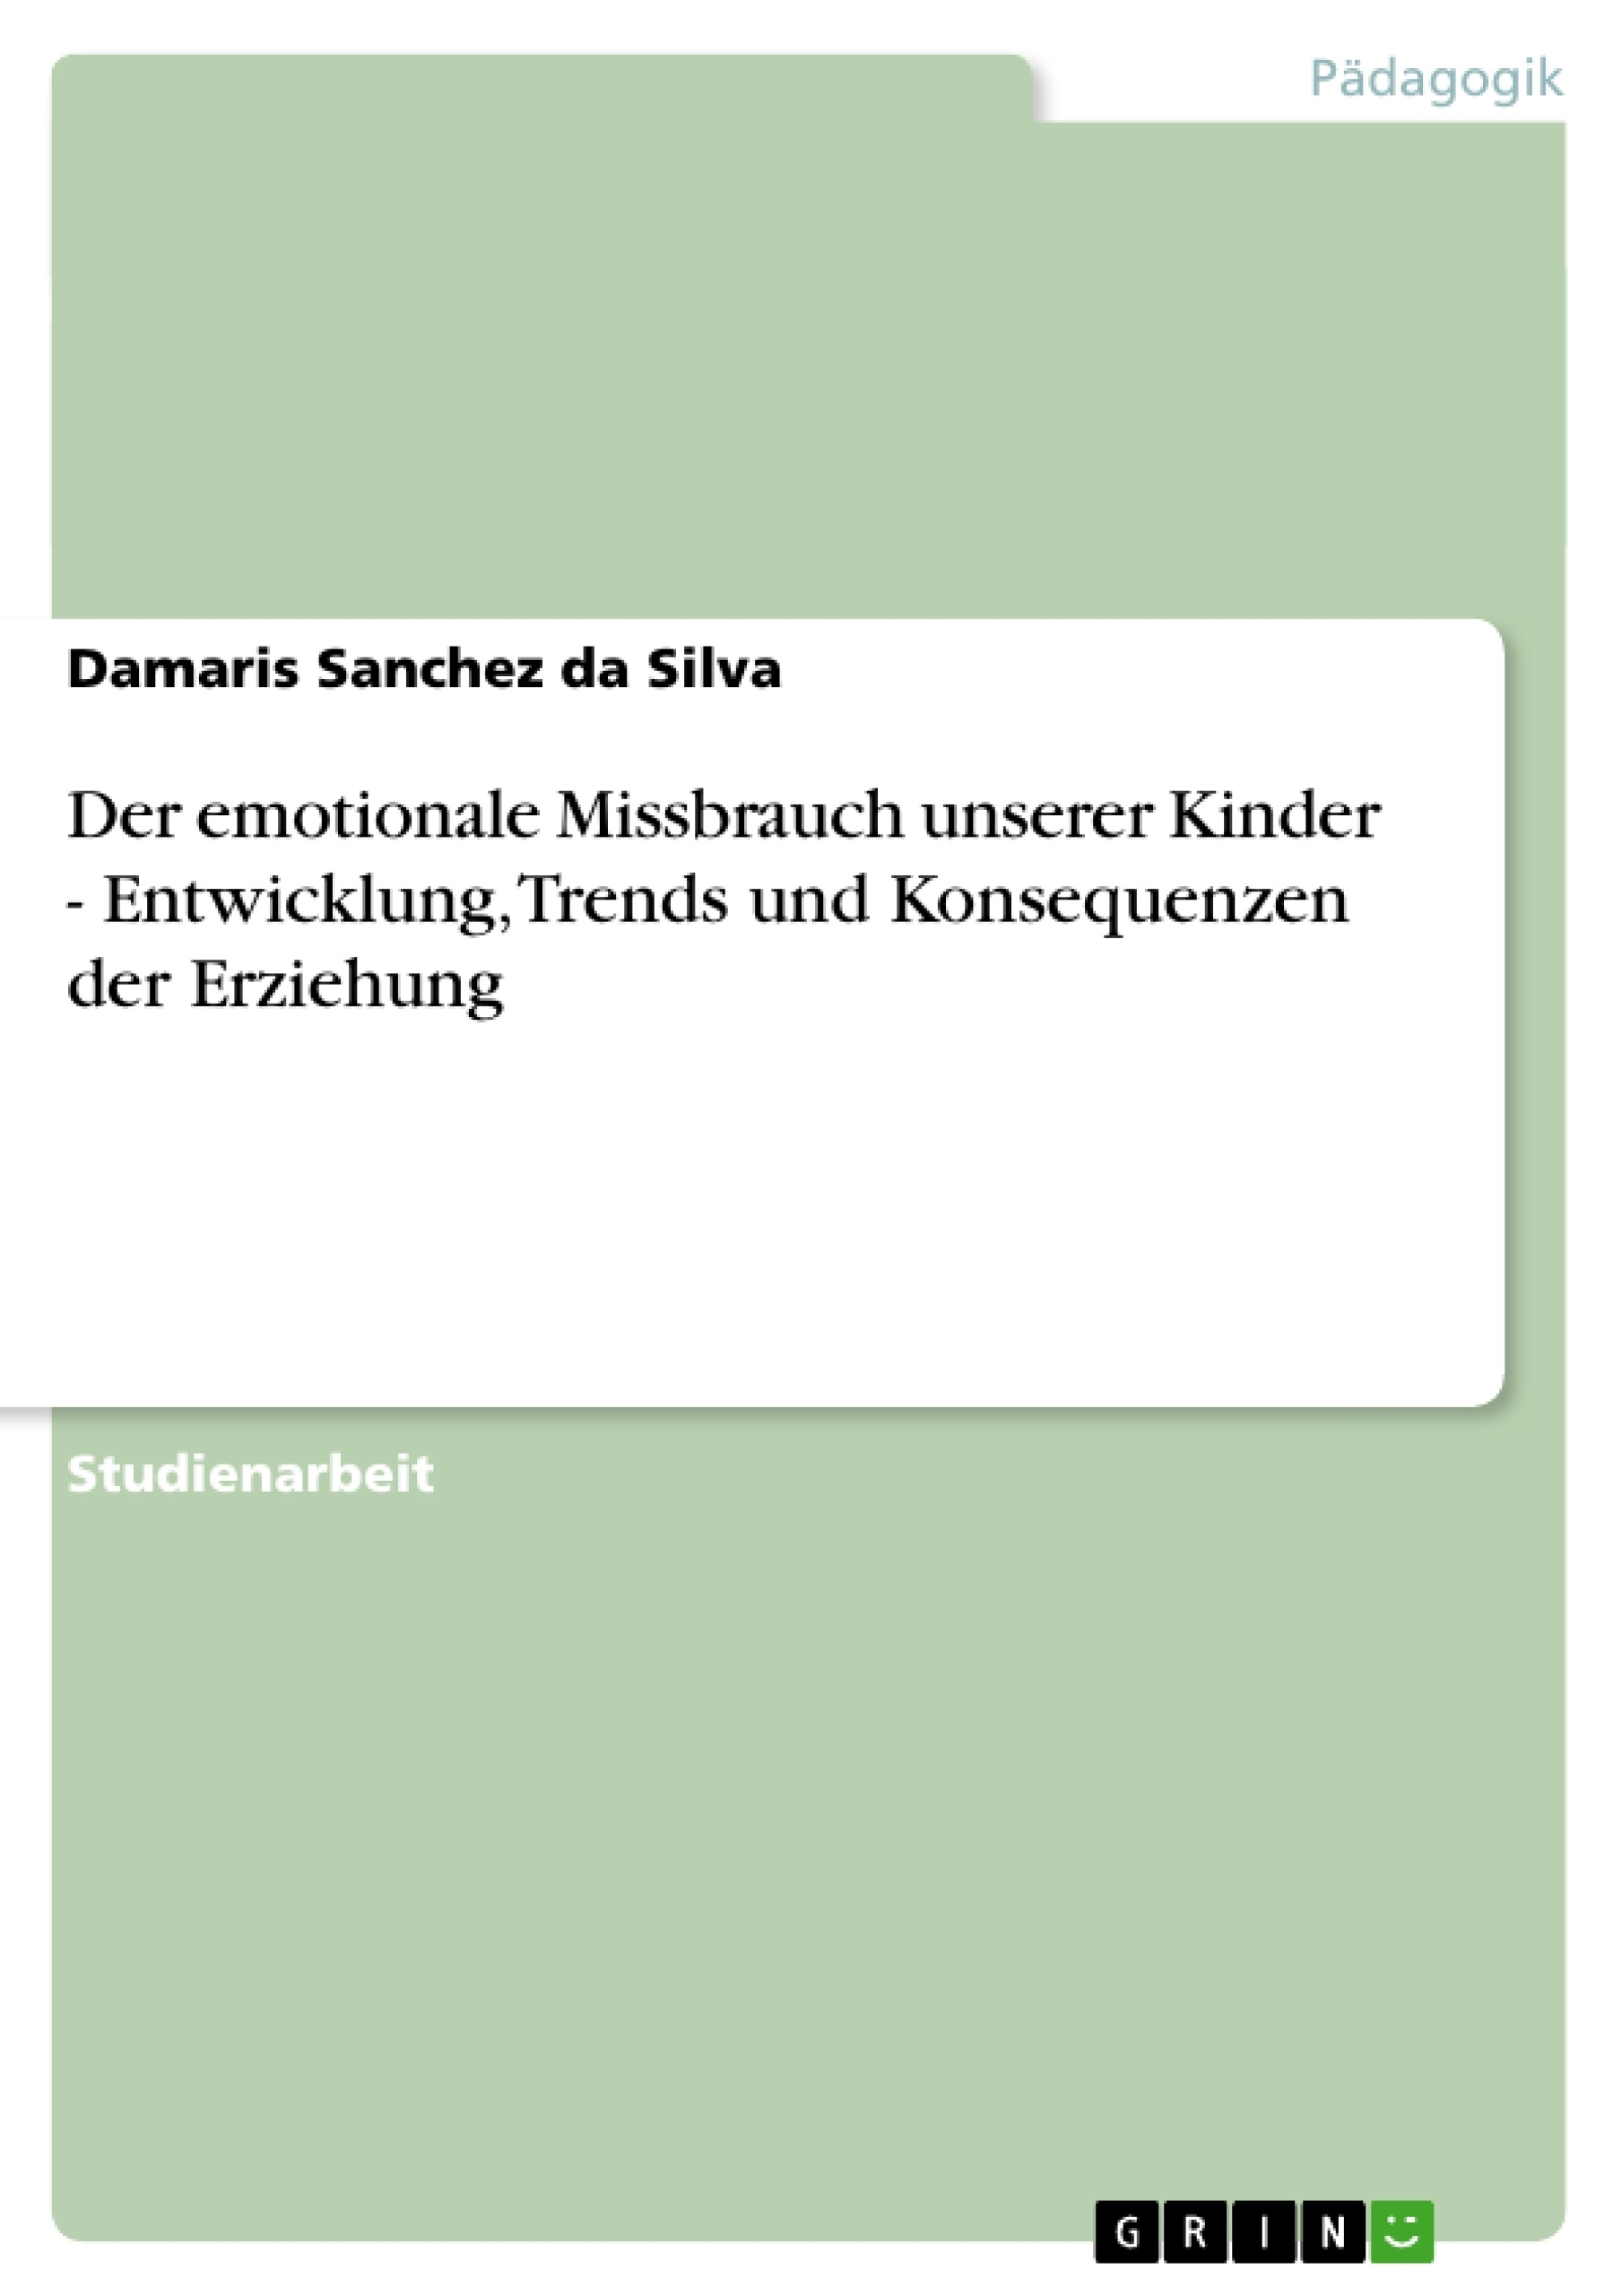 Titel: Der emotionale Missbrauch unserer Kinder - Entwicklung, Trends und Konsequenzen der Erziehung